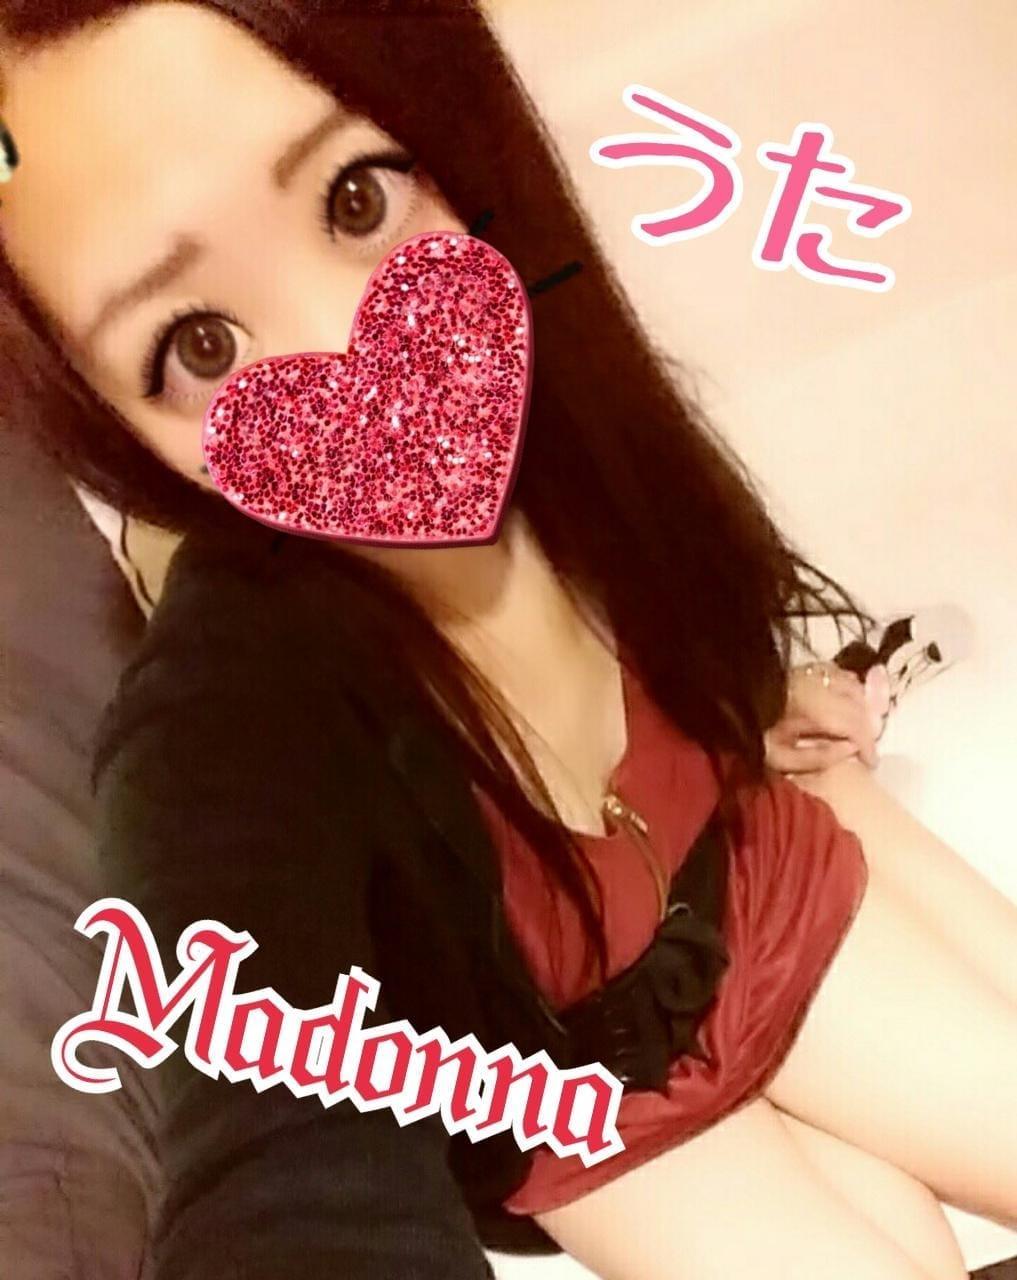 「おやすみなさい_(:3 」∠)_」12/07(12/07) 17:10 | ウタの写メ・風俗動画